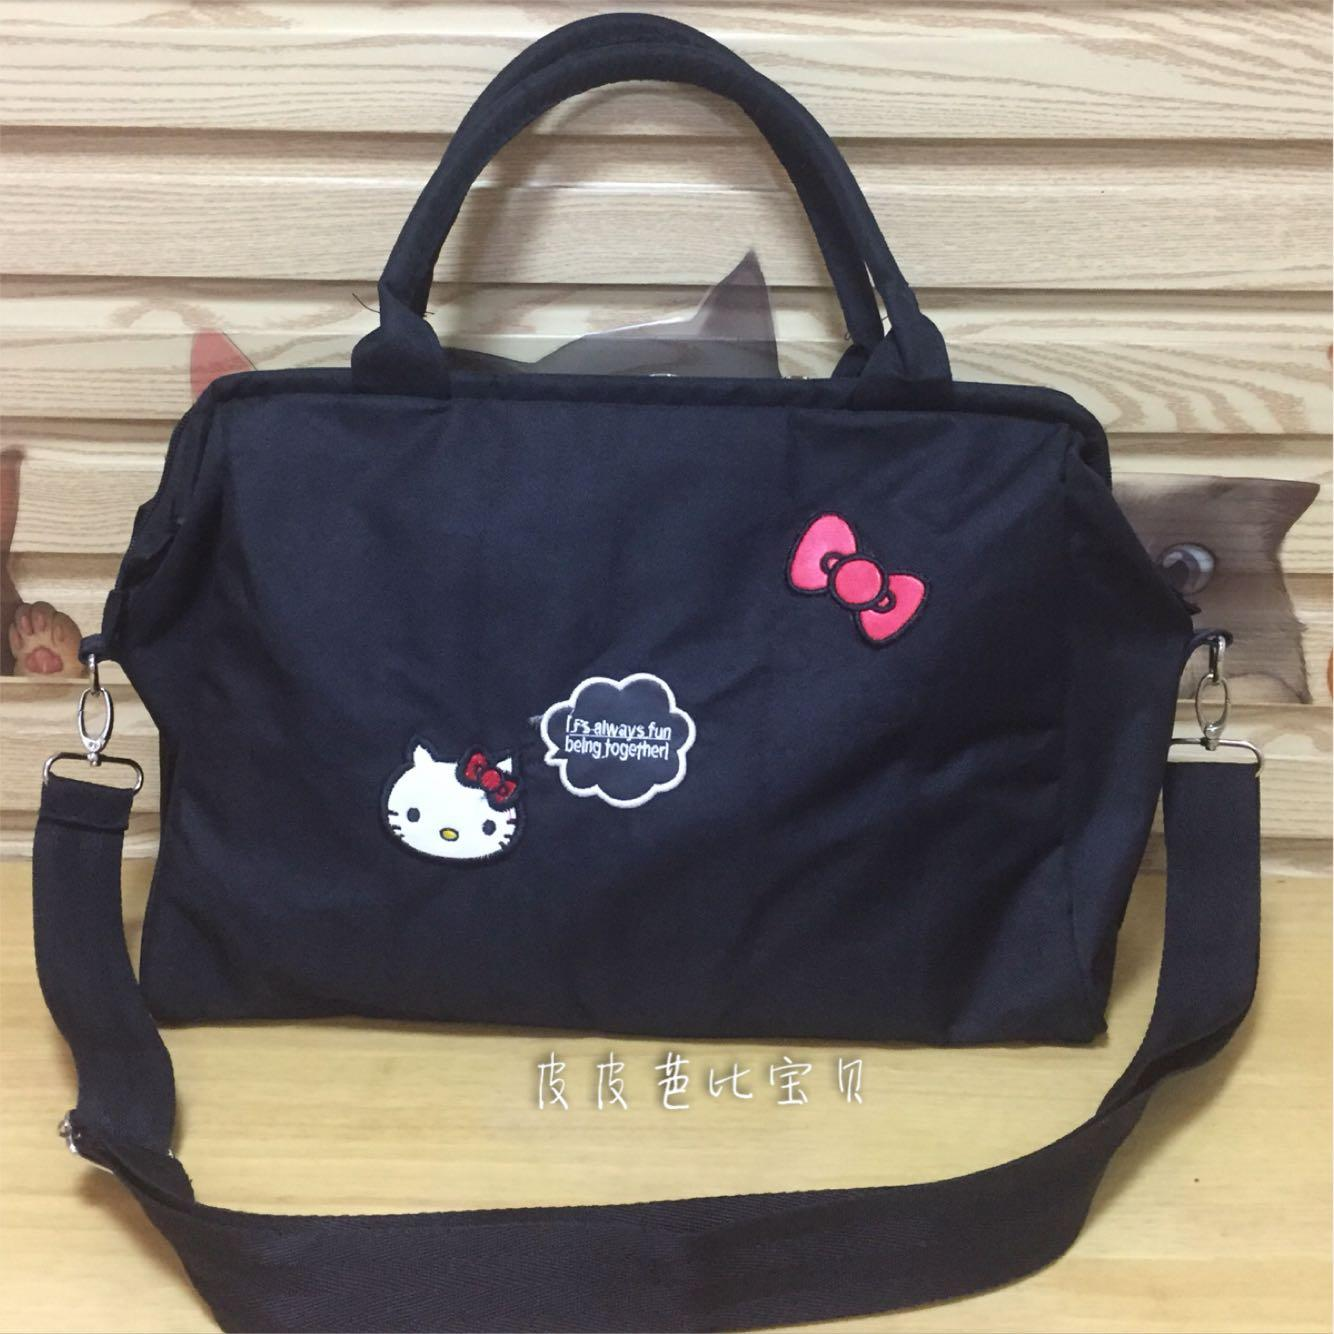 5a5fc4b3fa5d Hello Kitty Cute Cartoon Hand Shoulder Women s Bag Luggage Bag Short Trip  Business Trip Travel Bag